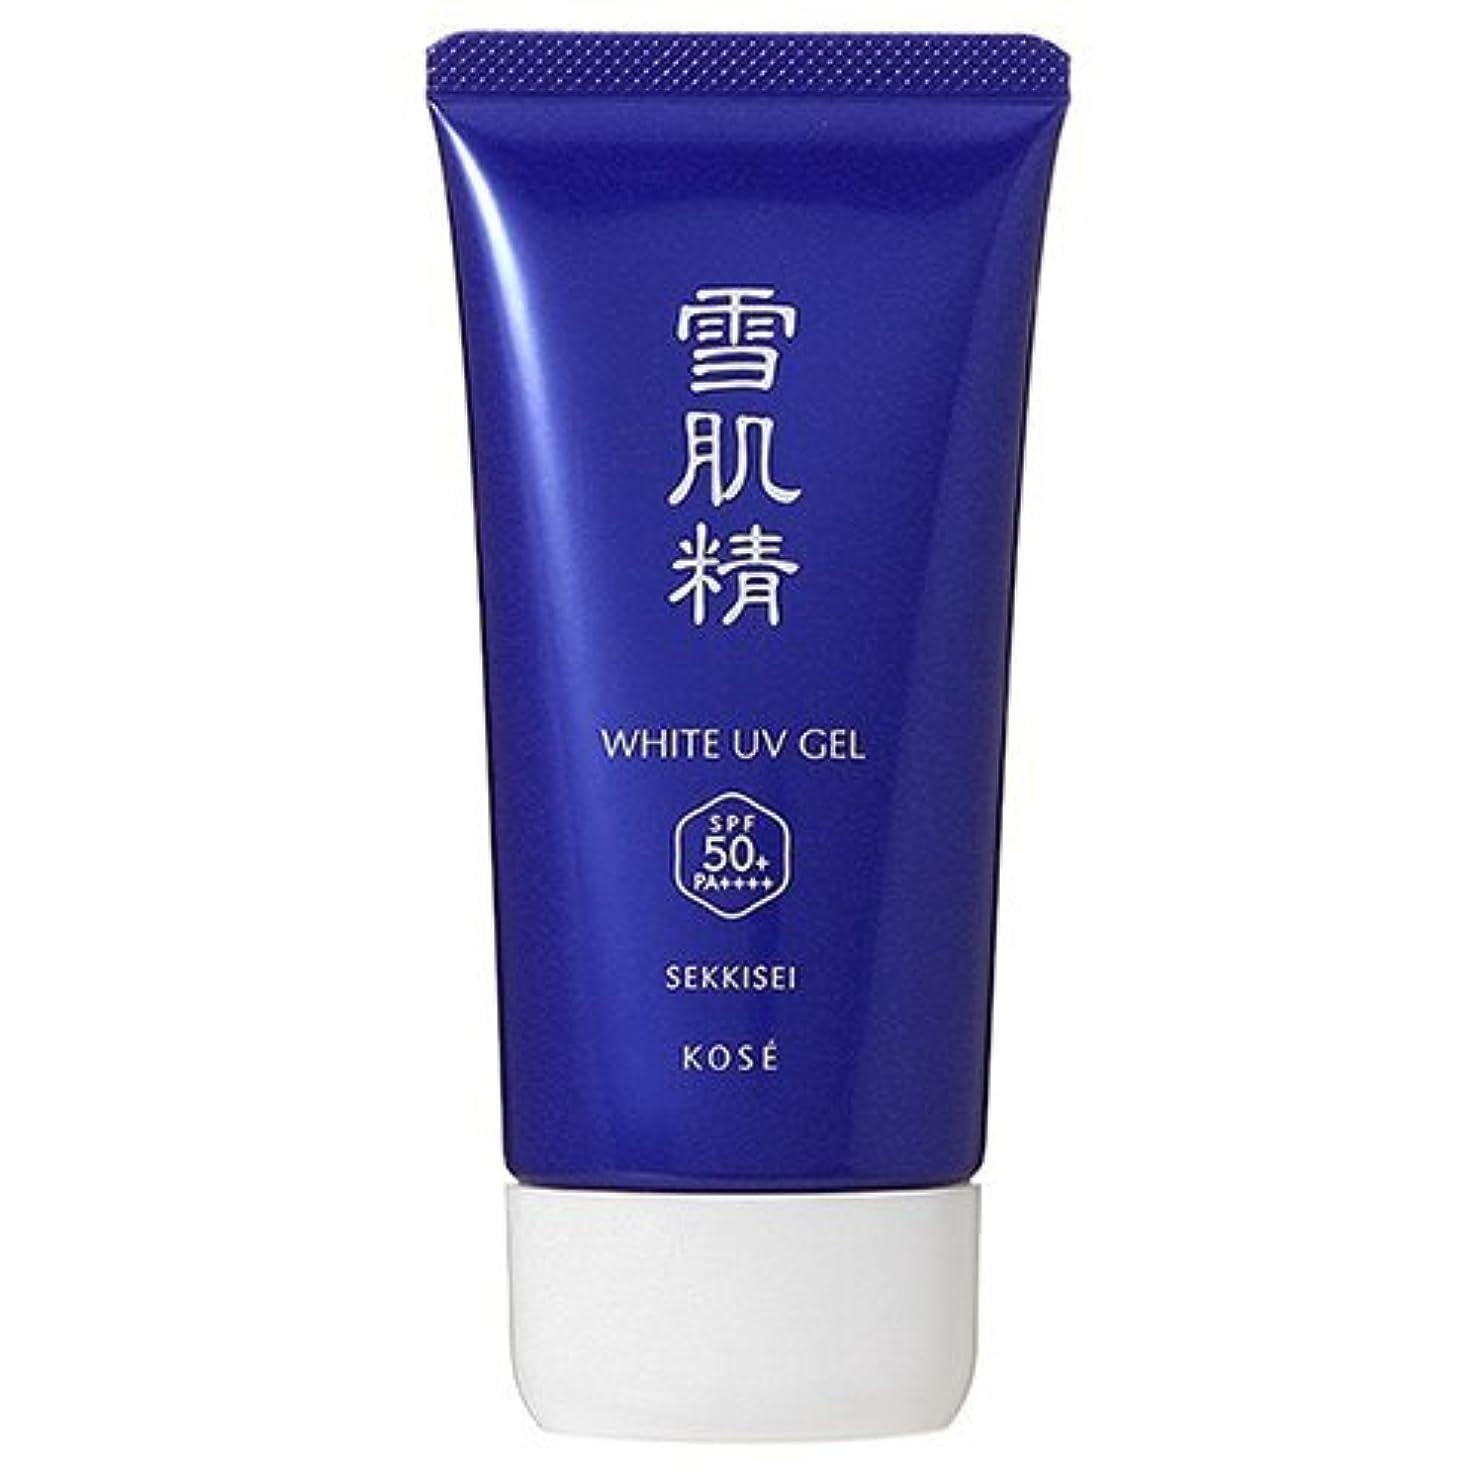 従う安心前提コーセー 雪肌精 ホワイト UV ジェル SPF50+/PA++++ 80g